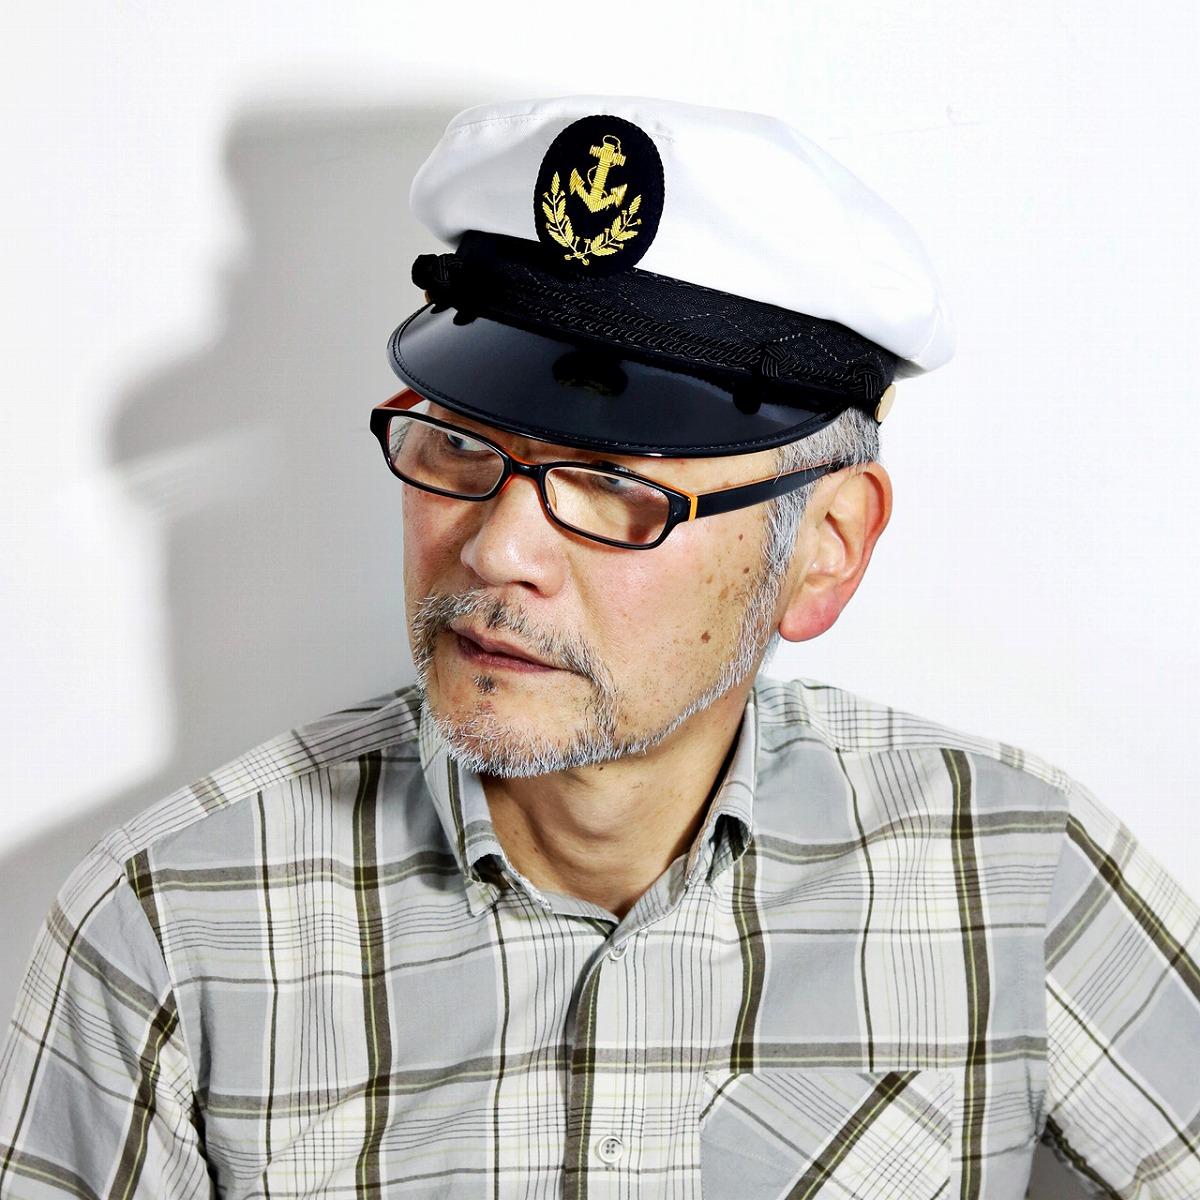 マリンキャップ WIGENS インポート 帽子 海軍 ウィゲン 春 帽子 夏 さわやか 父の日 ギフト ハンチング ブローチ付き 高級 マリンキャスケット お洒落 本格的キャプテンハット 高級 帽子 船長 ホワイト 白[ marine cap ]父の日 ギフト プレゼント